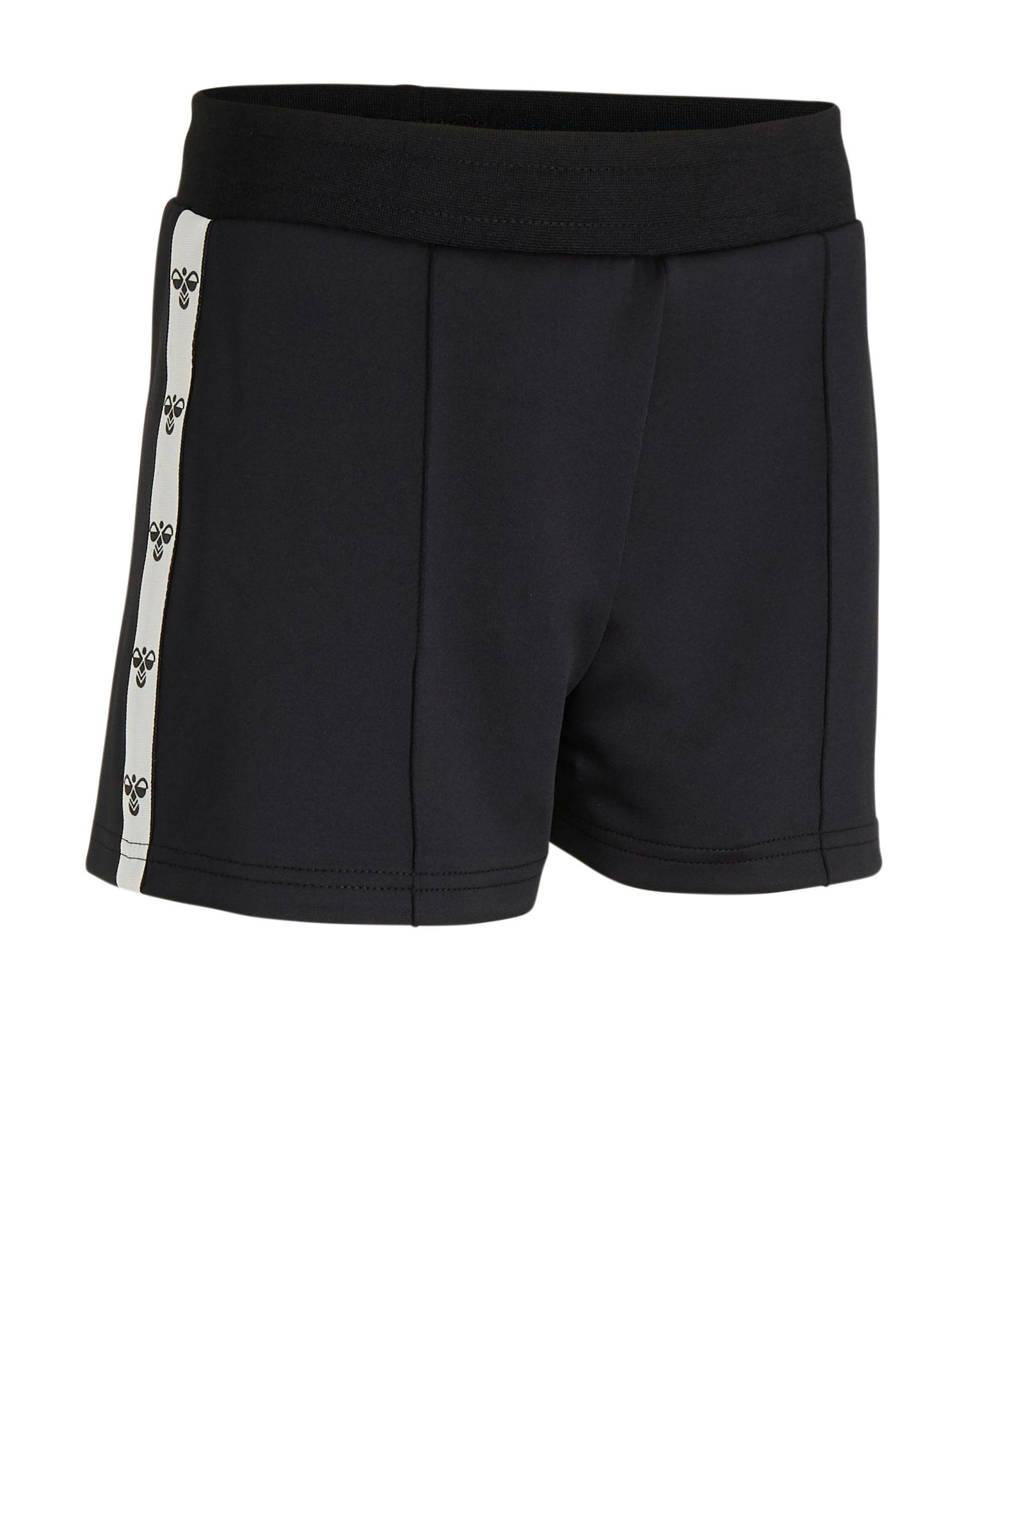 hummel sportshort zwart, Zwart/wit